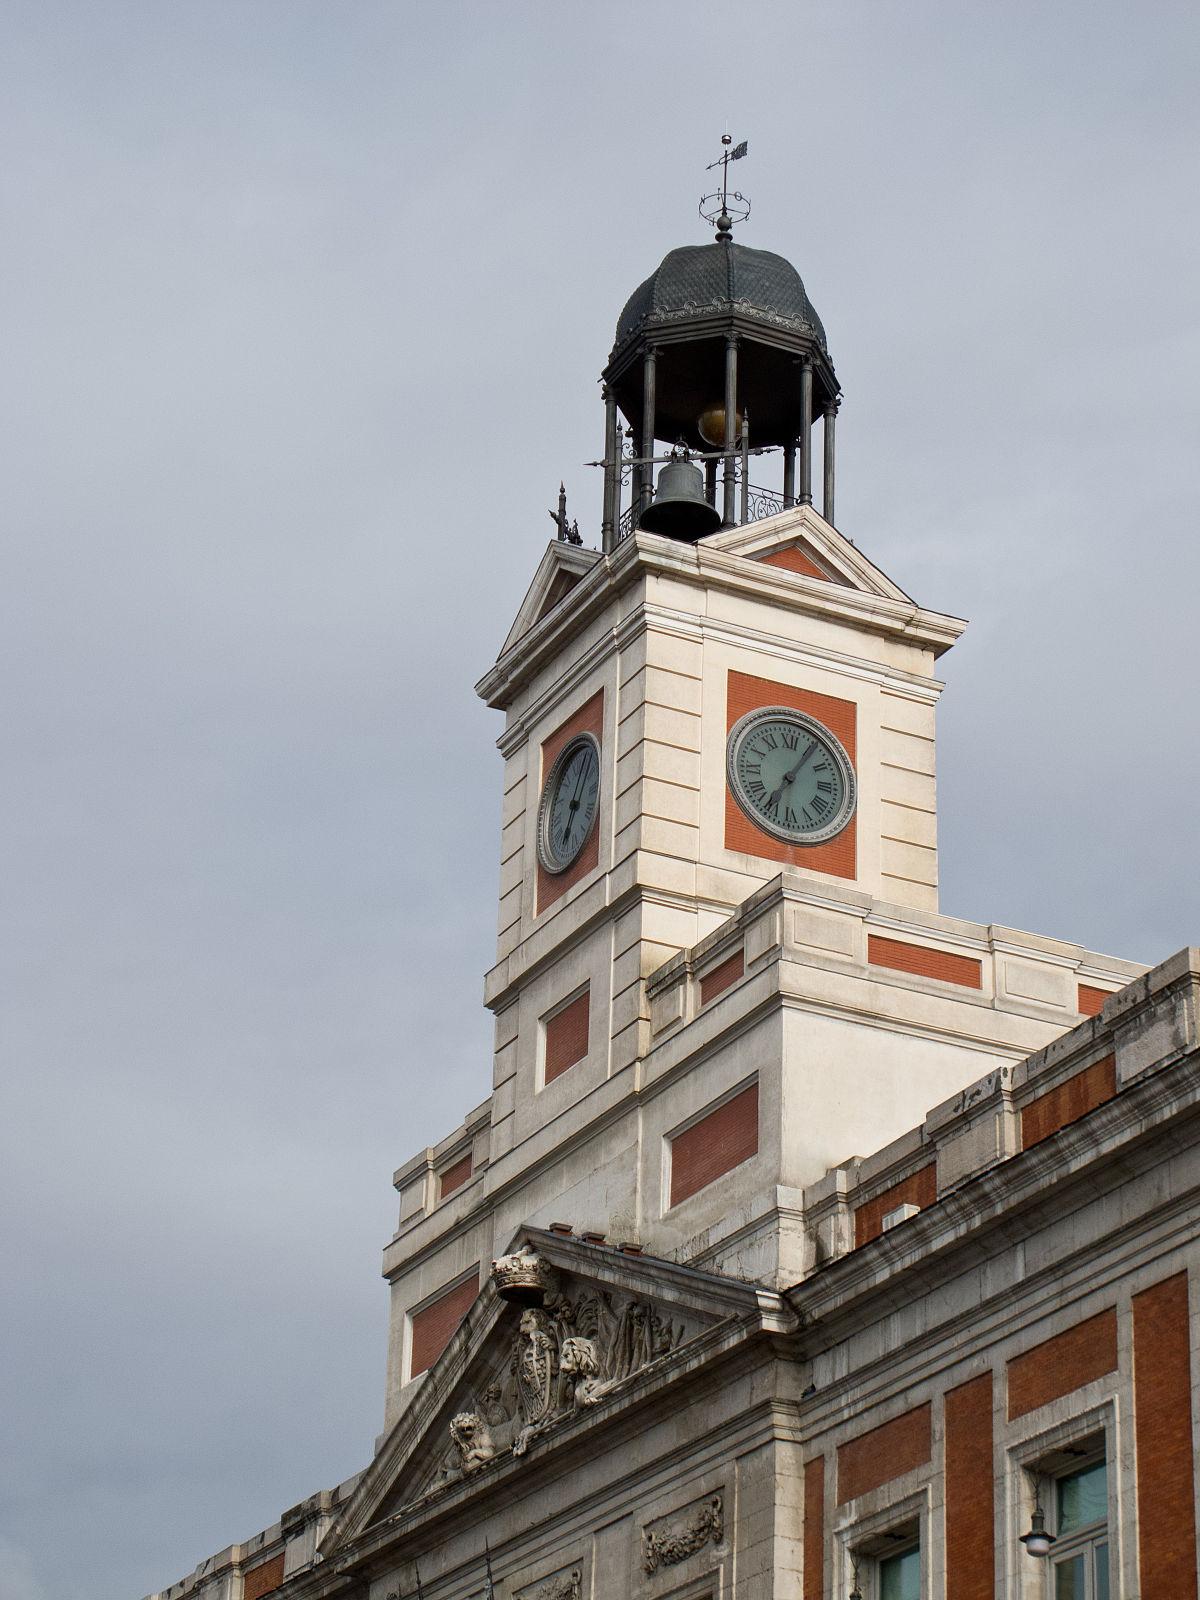 Reloj de gobernaci n wikipedia la enciclopedia libre for La real casa de correos